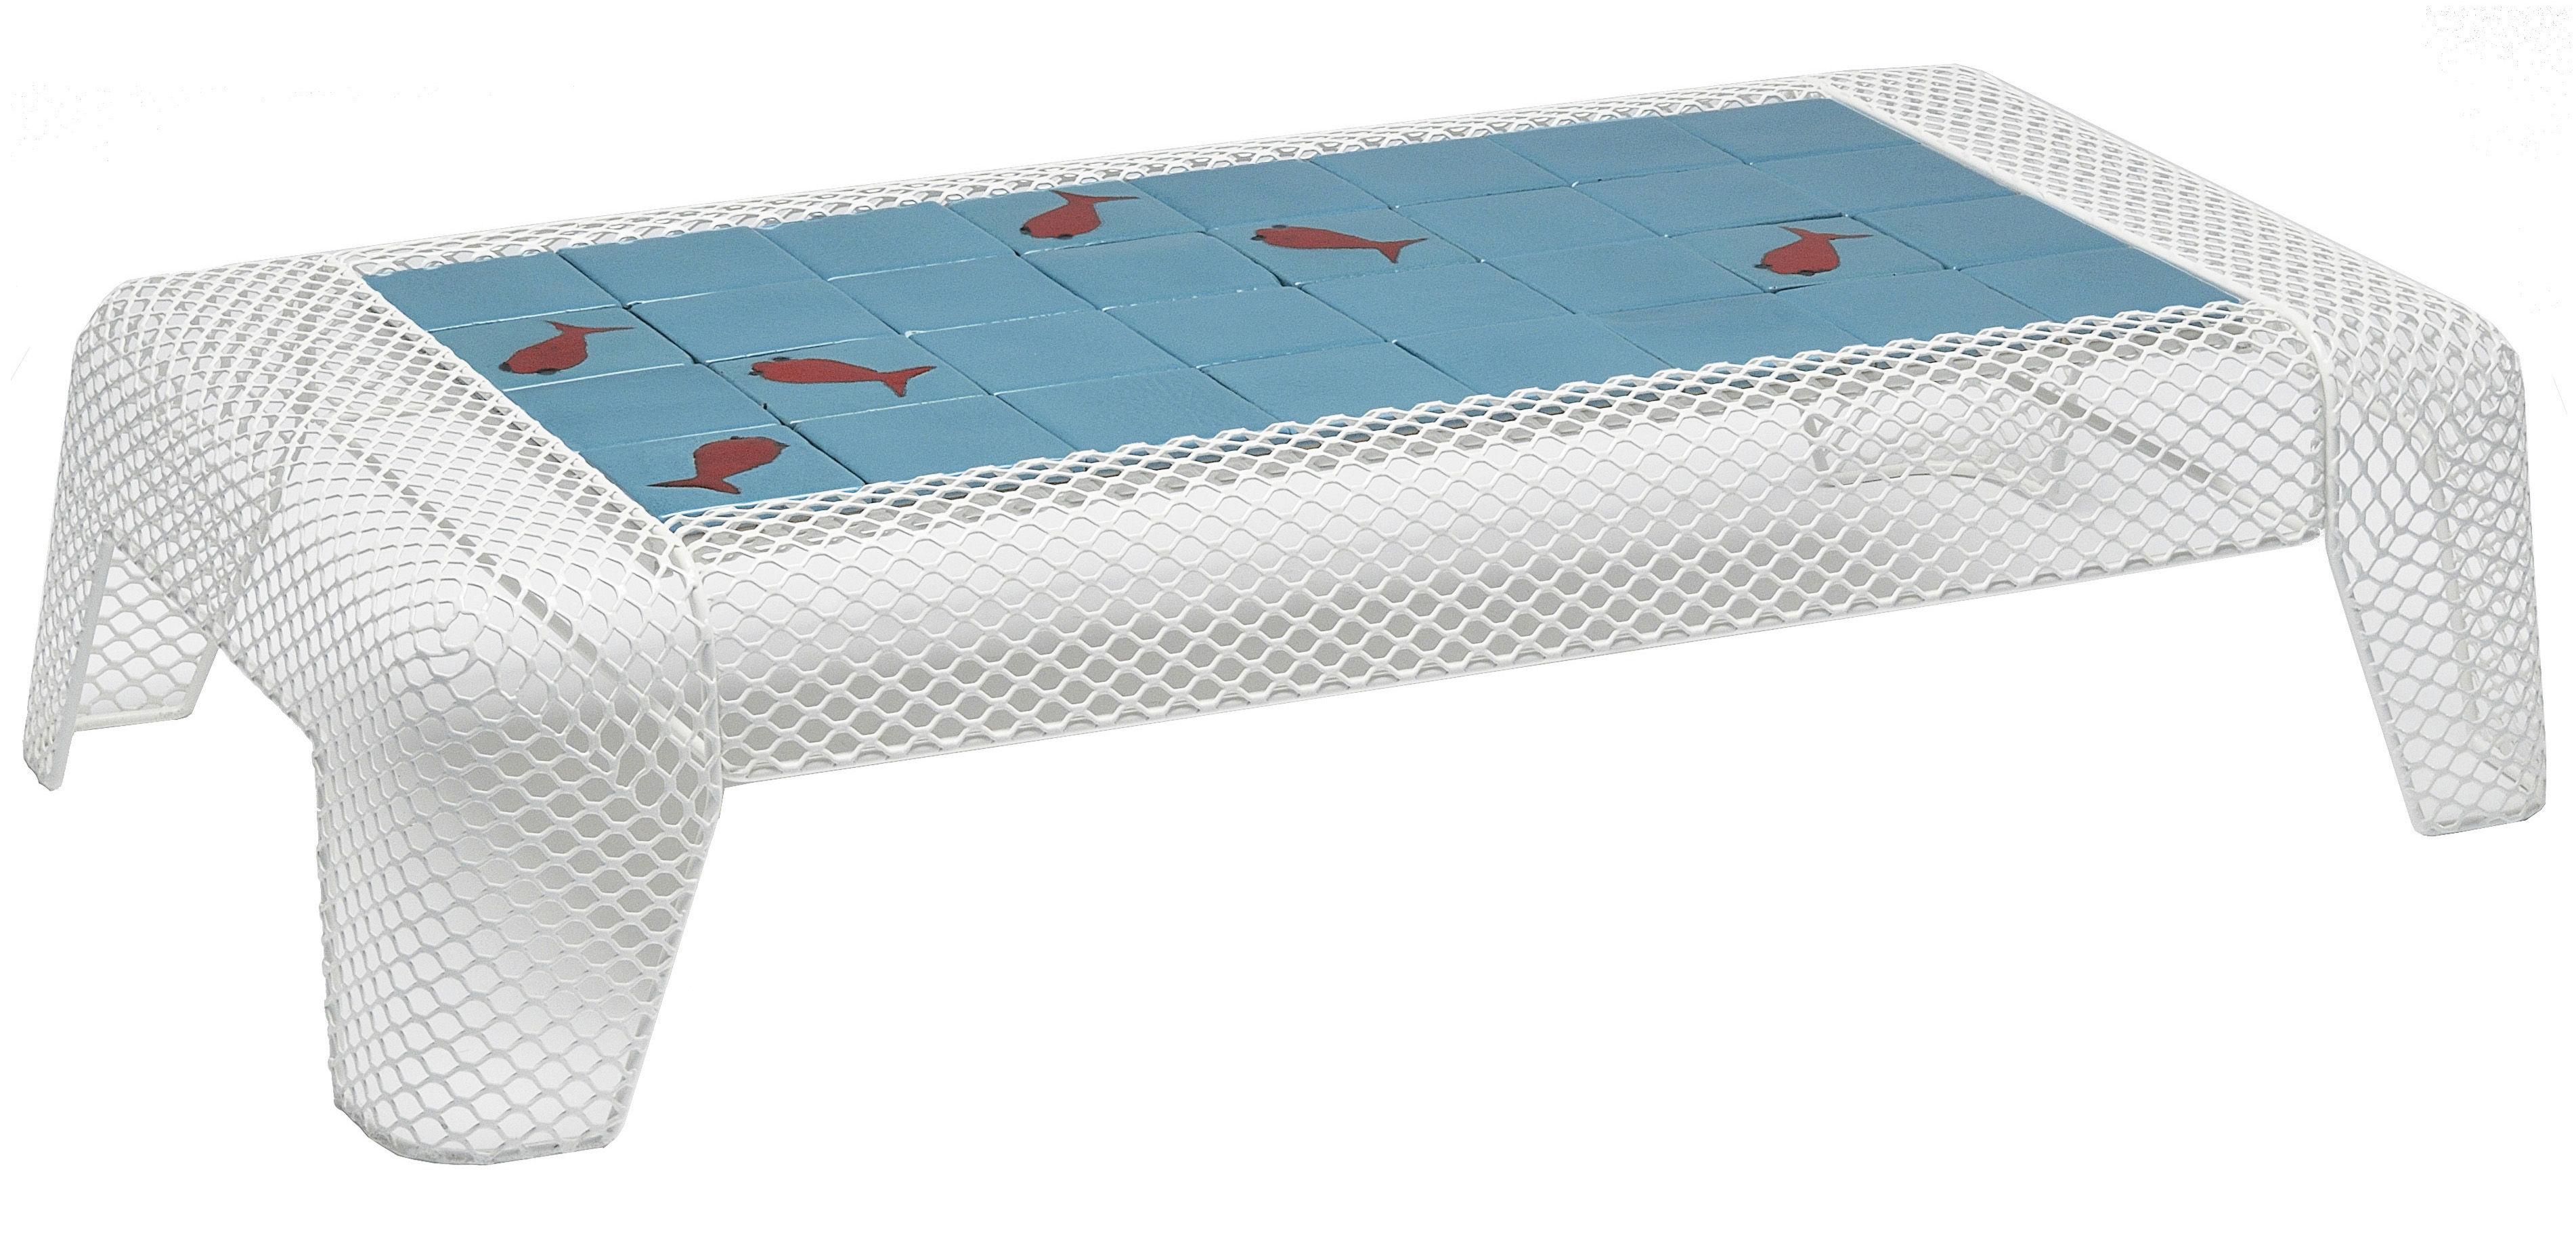 Arredamento - Tavolini  - Tavolino Ivy - Ceramica motivo pesce di Emu - Bianco / Piano: quadrati blu con motivi Pesce - Acciaio, Terracotta smaltata